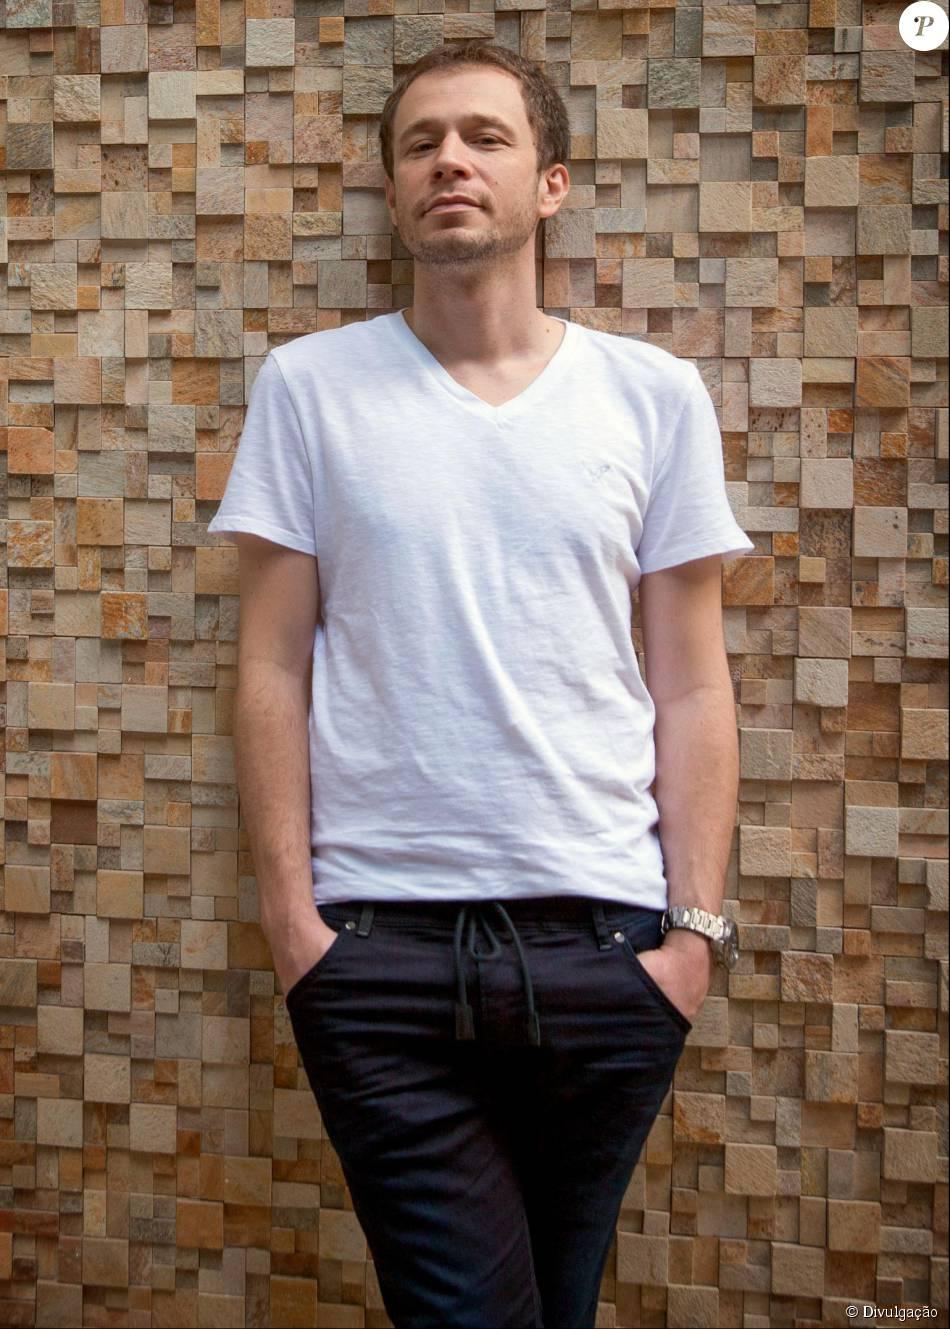 Tiago Leifert recebeu R$ 1 milhão para estrelar sua primeira campanha publicitária, como garoto-propaganda da Claro